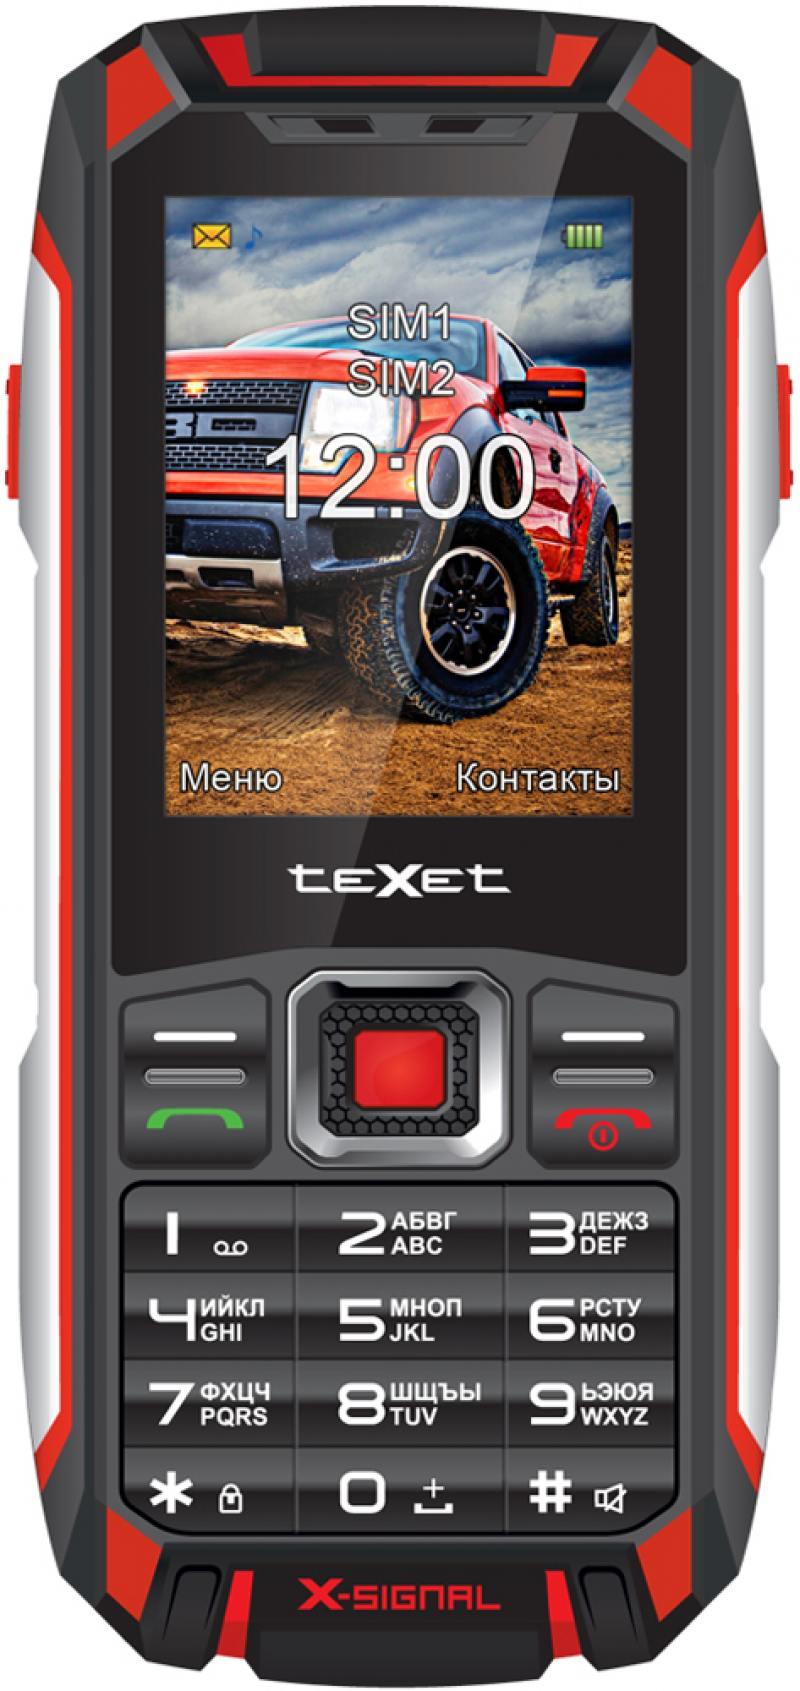 teXet TM-515R черный-красный (X-signal) Мобильный телефон